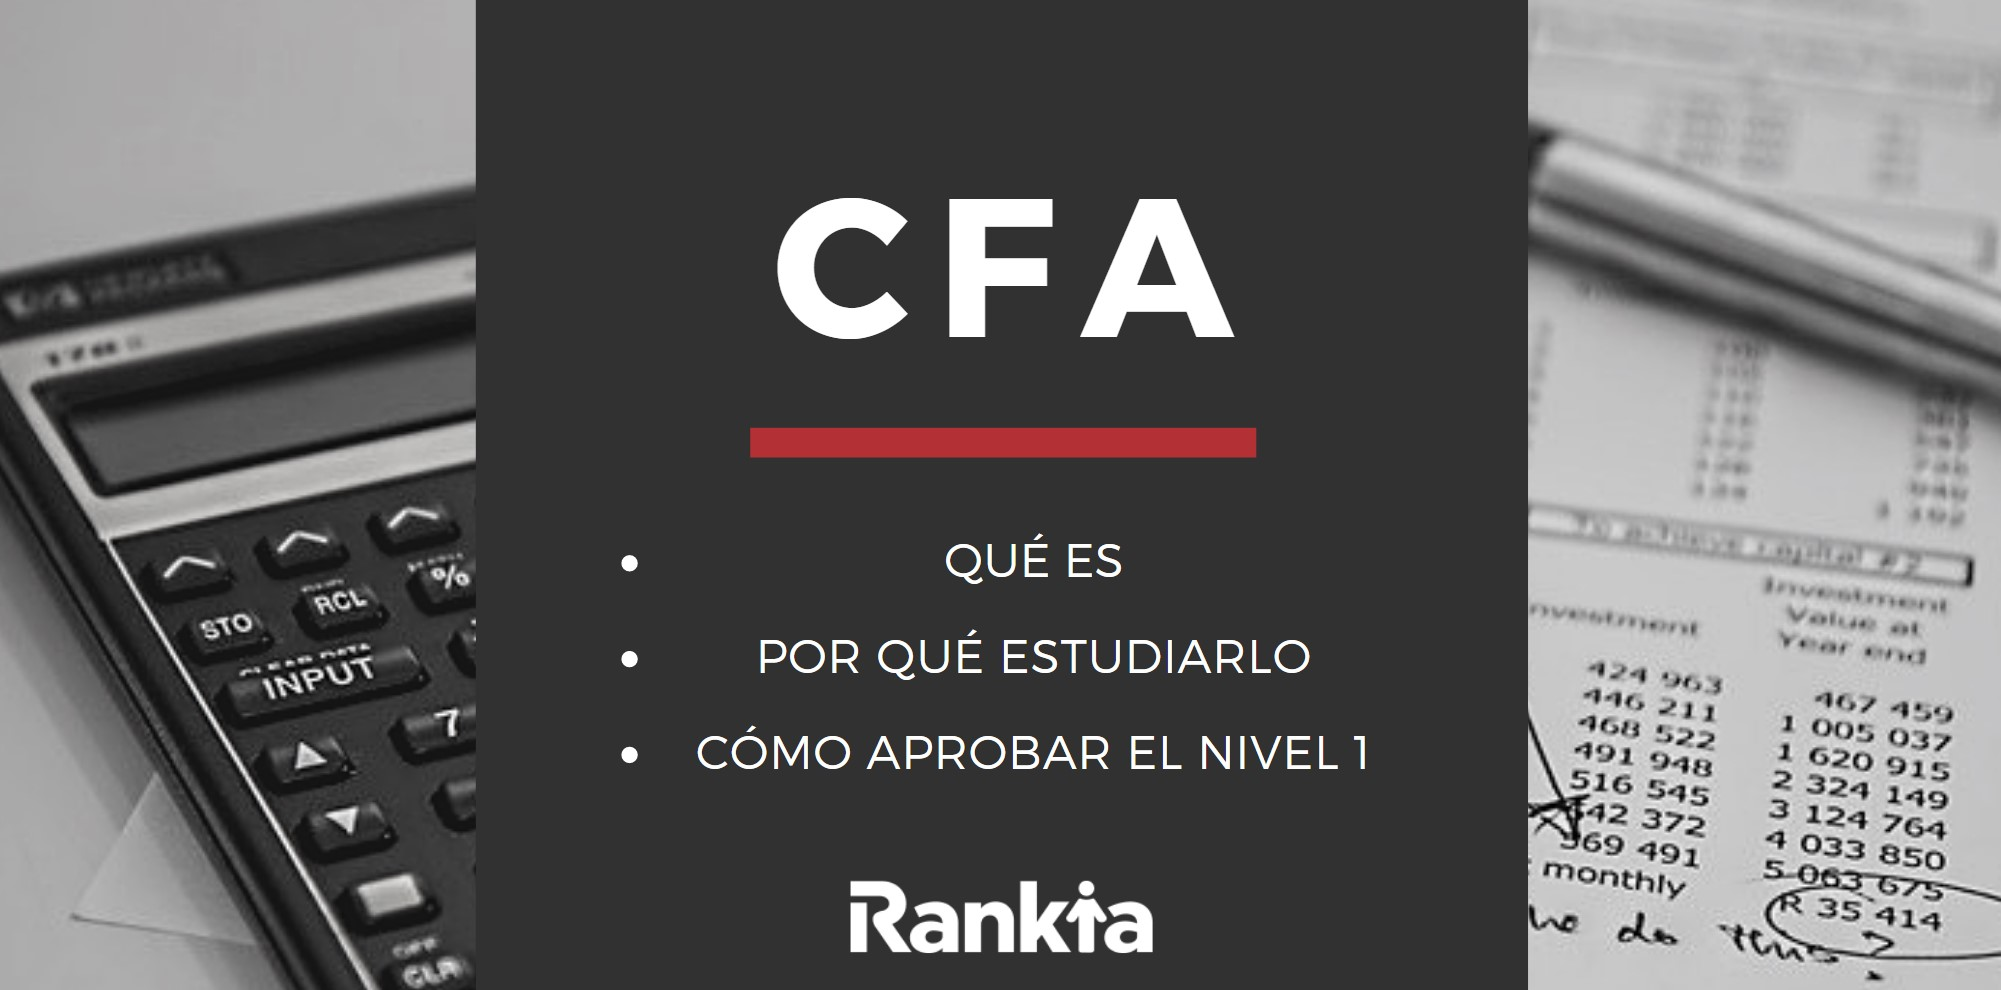 CFA, qué es, por qué estudiarlo